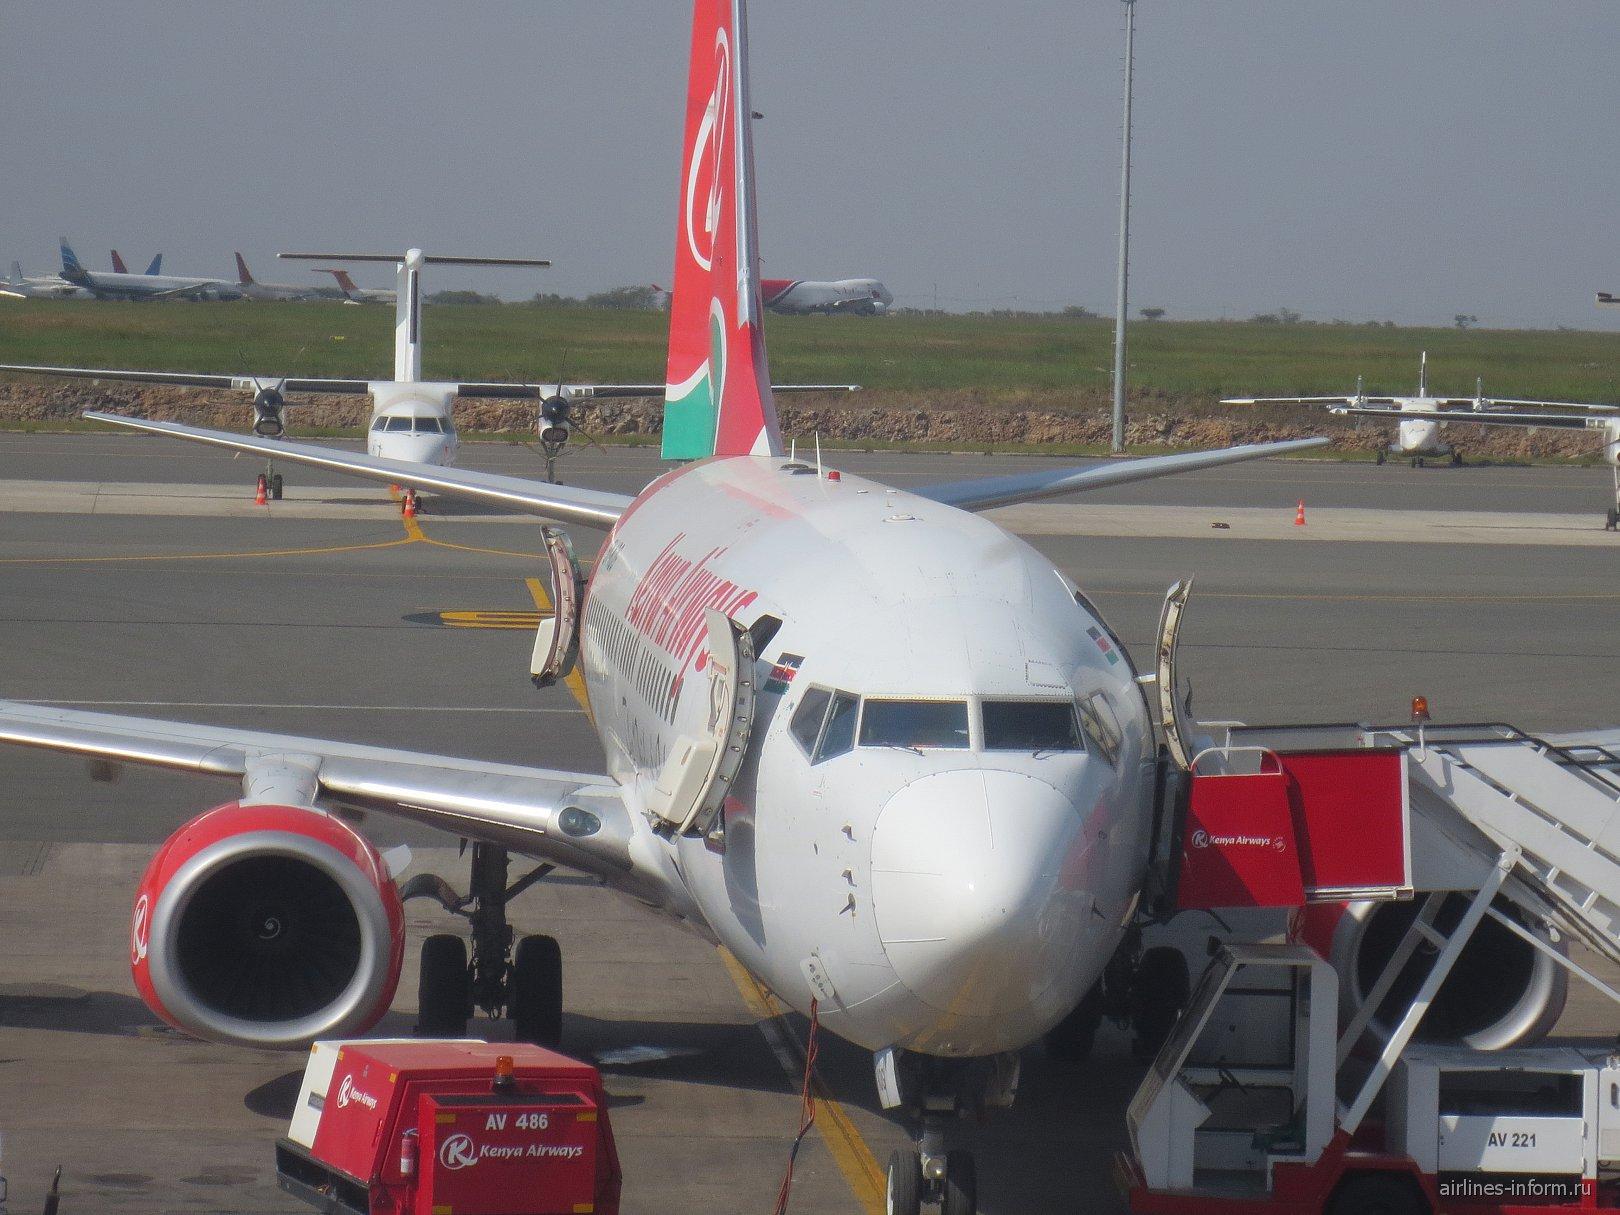 Боинг-737 авиакомпании Kenya Airways в аэропорту Найроби